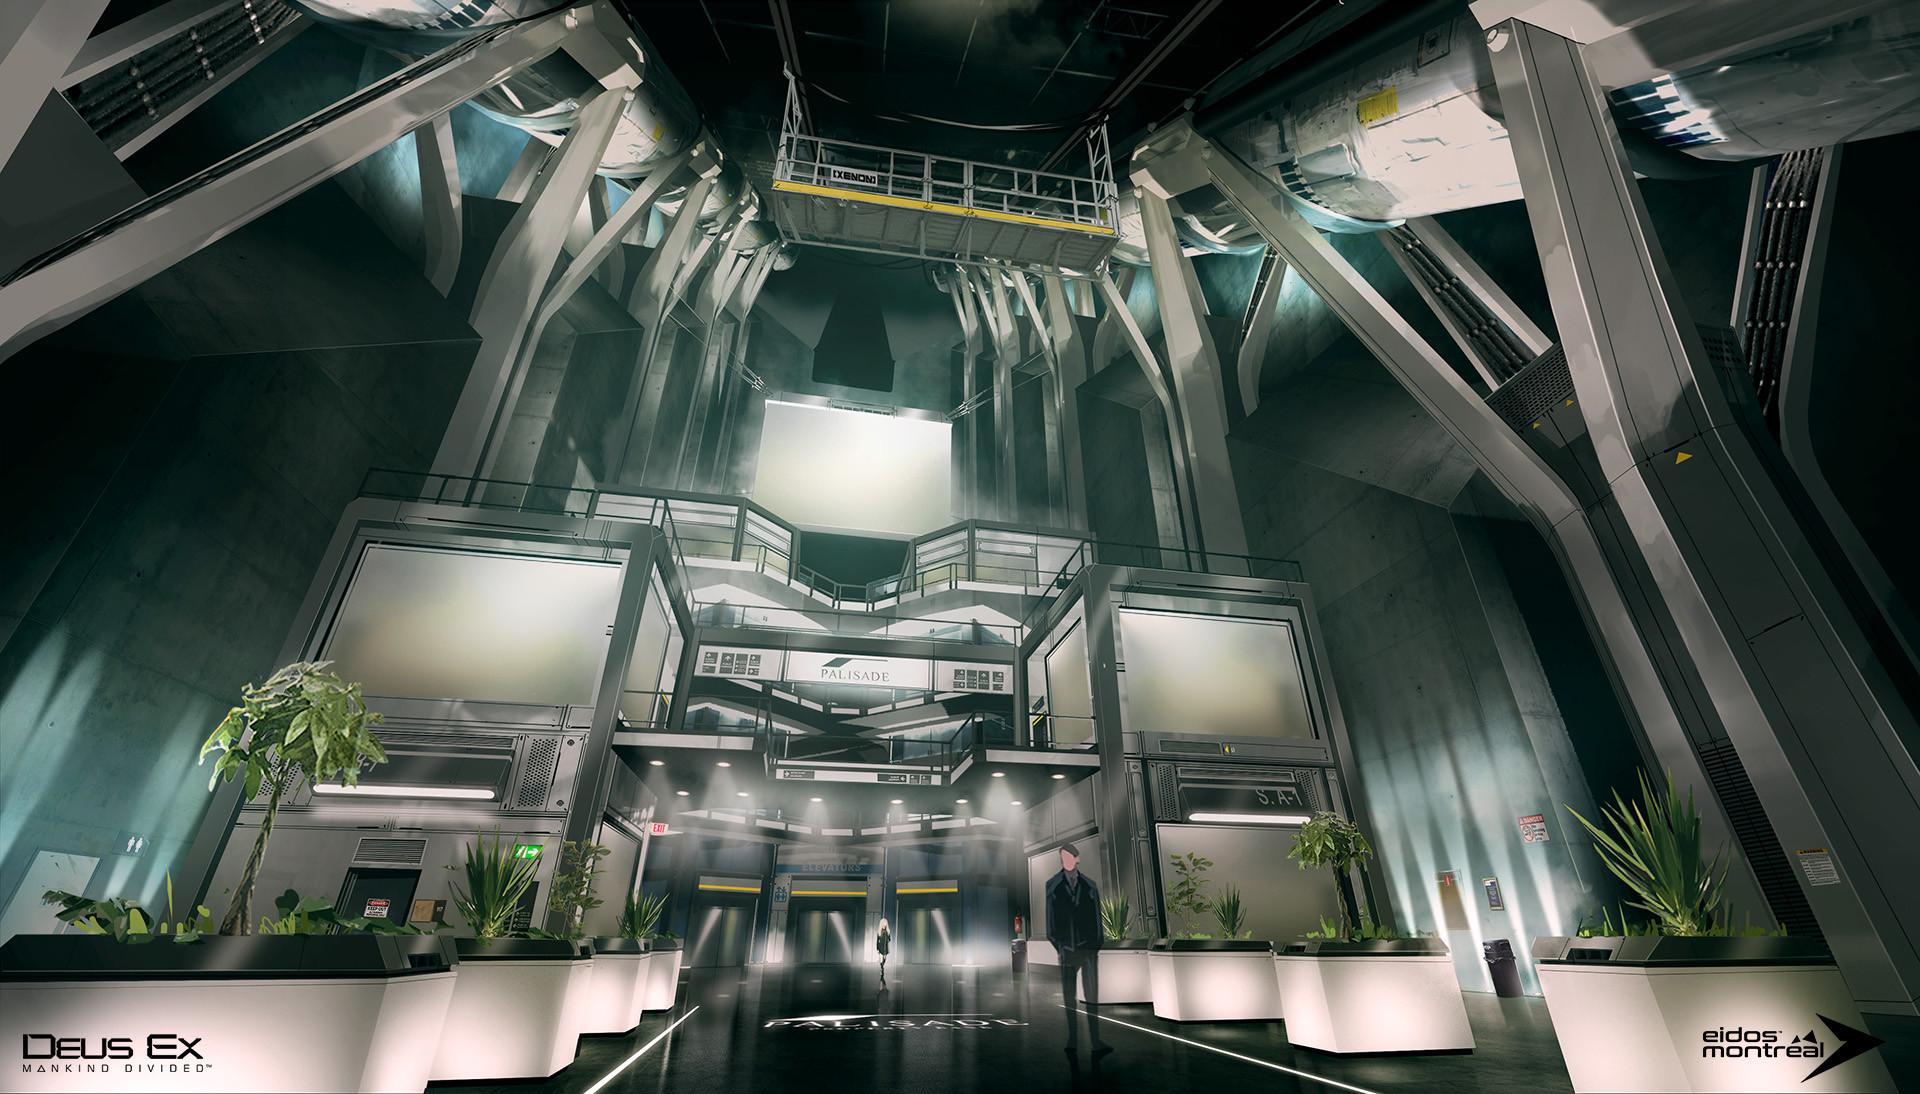 https://cdna.artstation.com/p/assets/images/images/004/830/238/large/gabriel-van-de-walle-gabriel-vandewalle-atrium.jpg?1486577454